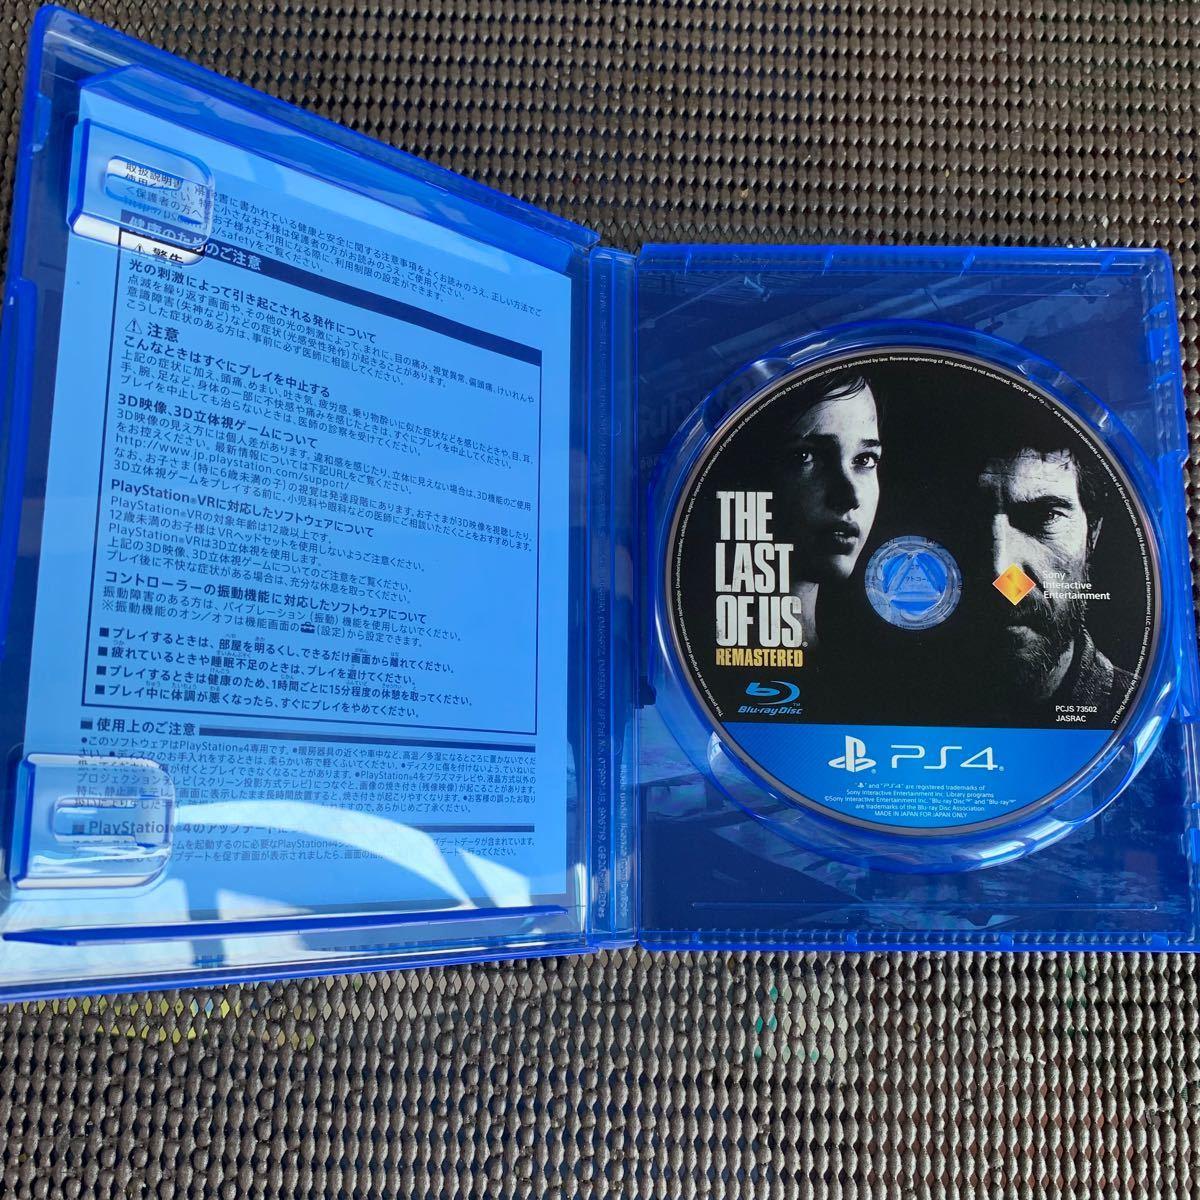 ラストオブアス The Last of Us Remastered - PS4